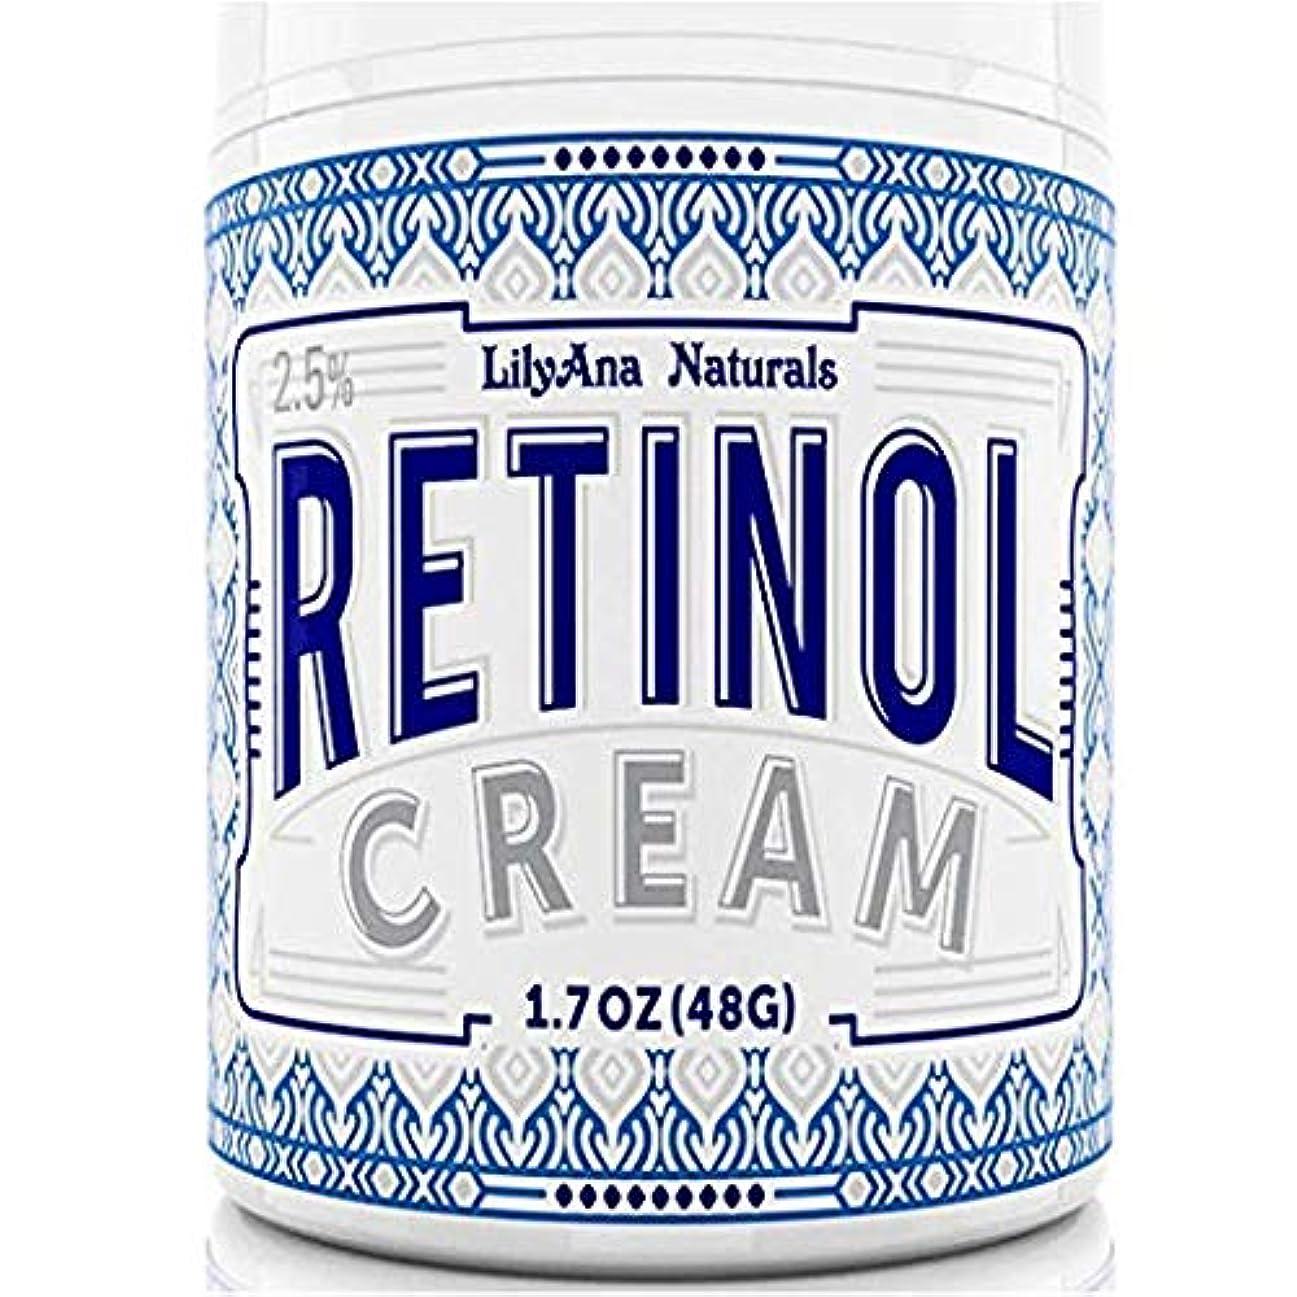 説明するディーラー電化するLilyAna 社 の レチノール モイスチャー クリーム LilyAna Naturals Retinol Cream Moisturizer 1.7 Oz